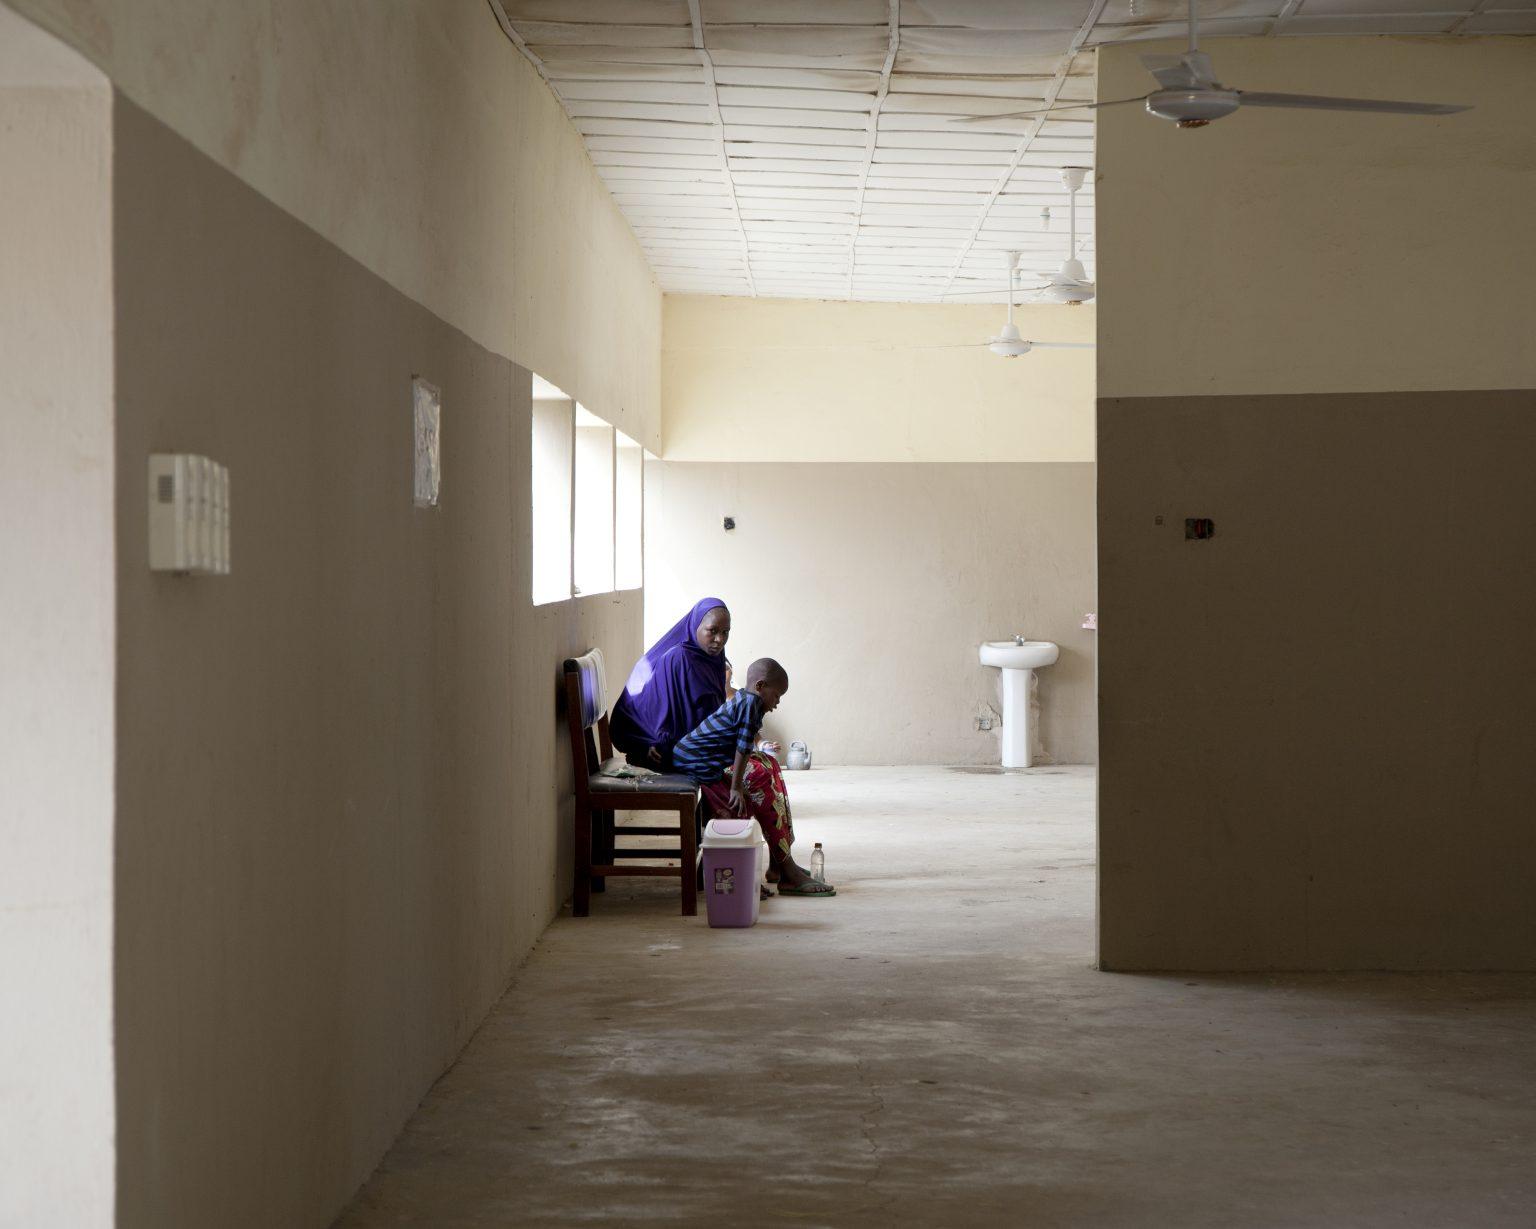 Ngala, Borno State (Nigeria). A woman with her child in the general hospital, next to the large camp for displaced people called Arabic Camp. Before the attack of Boko Haram, it was the main hospital in Ngala. >< Ngala, Stato di Borno (Nigeria). Una donna con il suo bambino dentro l'ospedale generale di Ngala, accanto al grande campo per gli sfollati chiamato Arabic Camp. Prima dell'attacco di Boko Haram era il principale ospedale di Ngala.